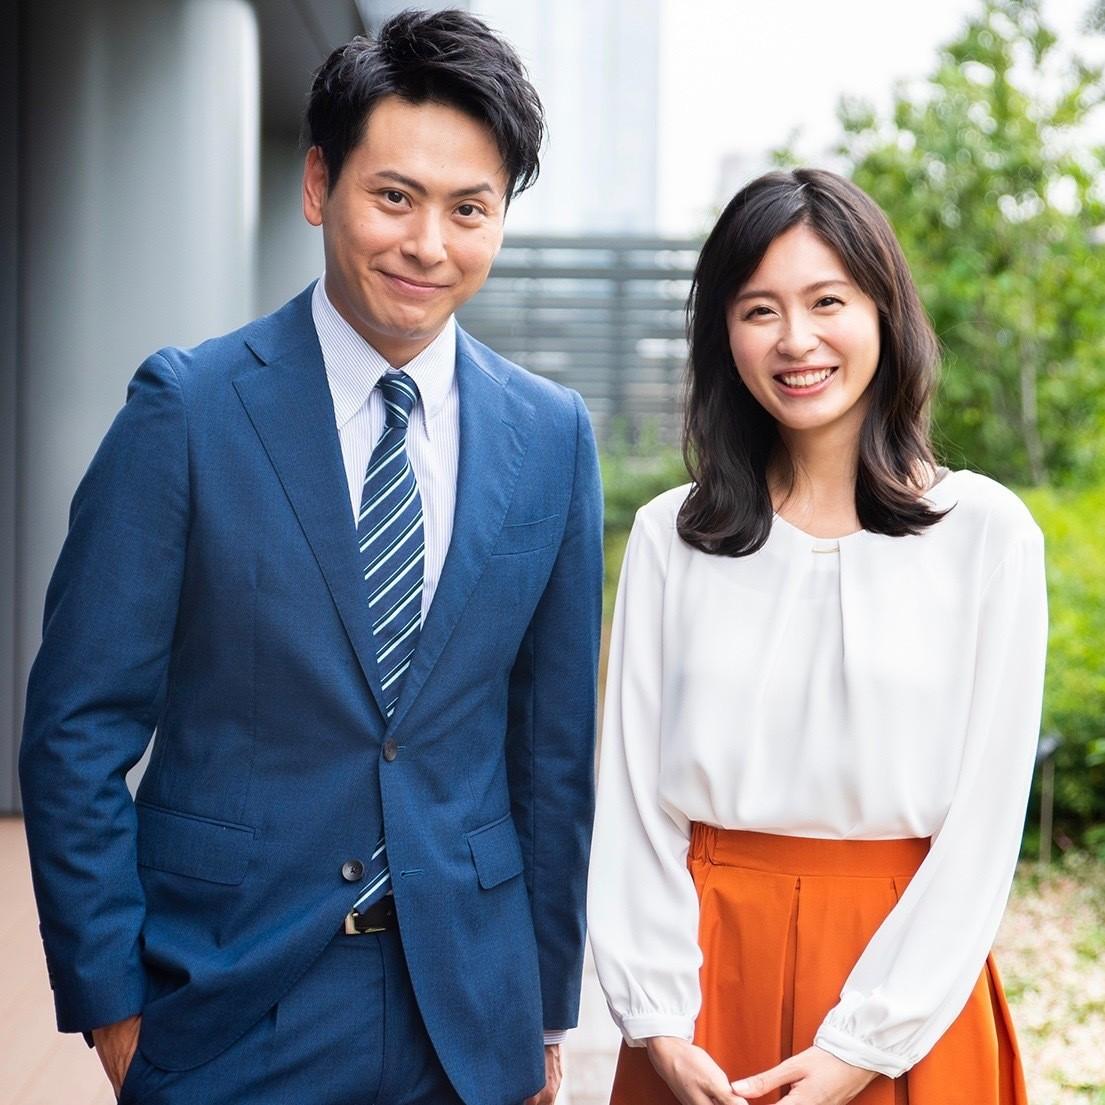 山下 健二郎 結婚 山下健二郎、結婚したい女優を告白!? 「とても料理が上手で...」